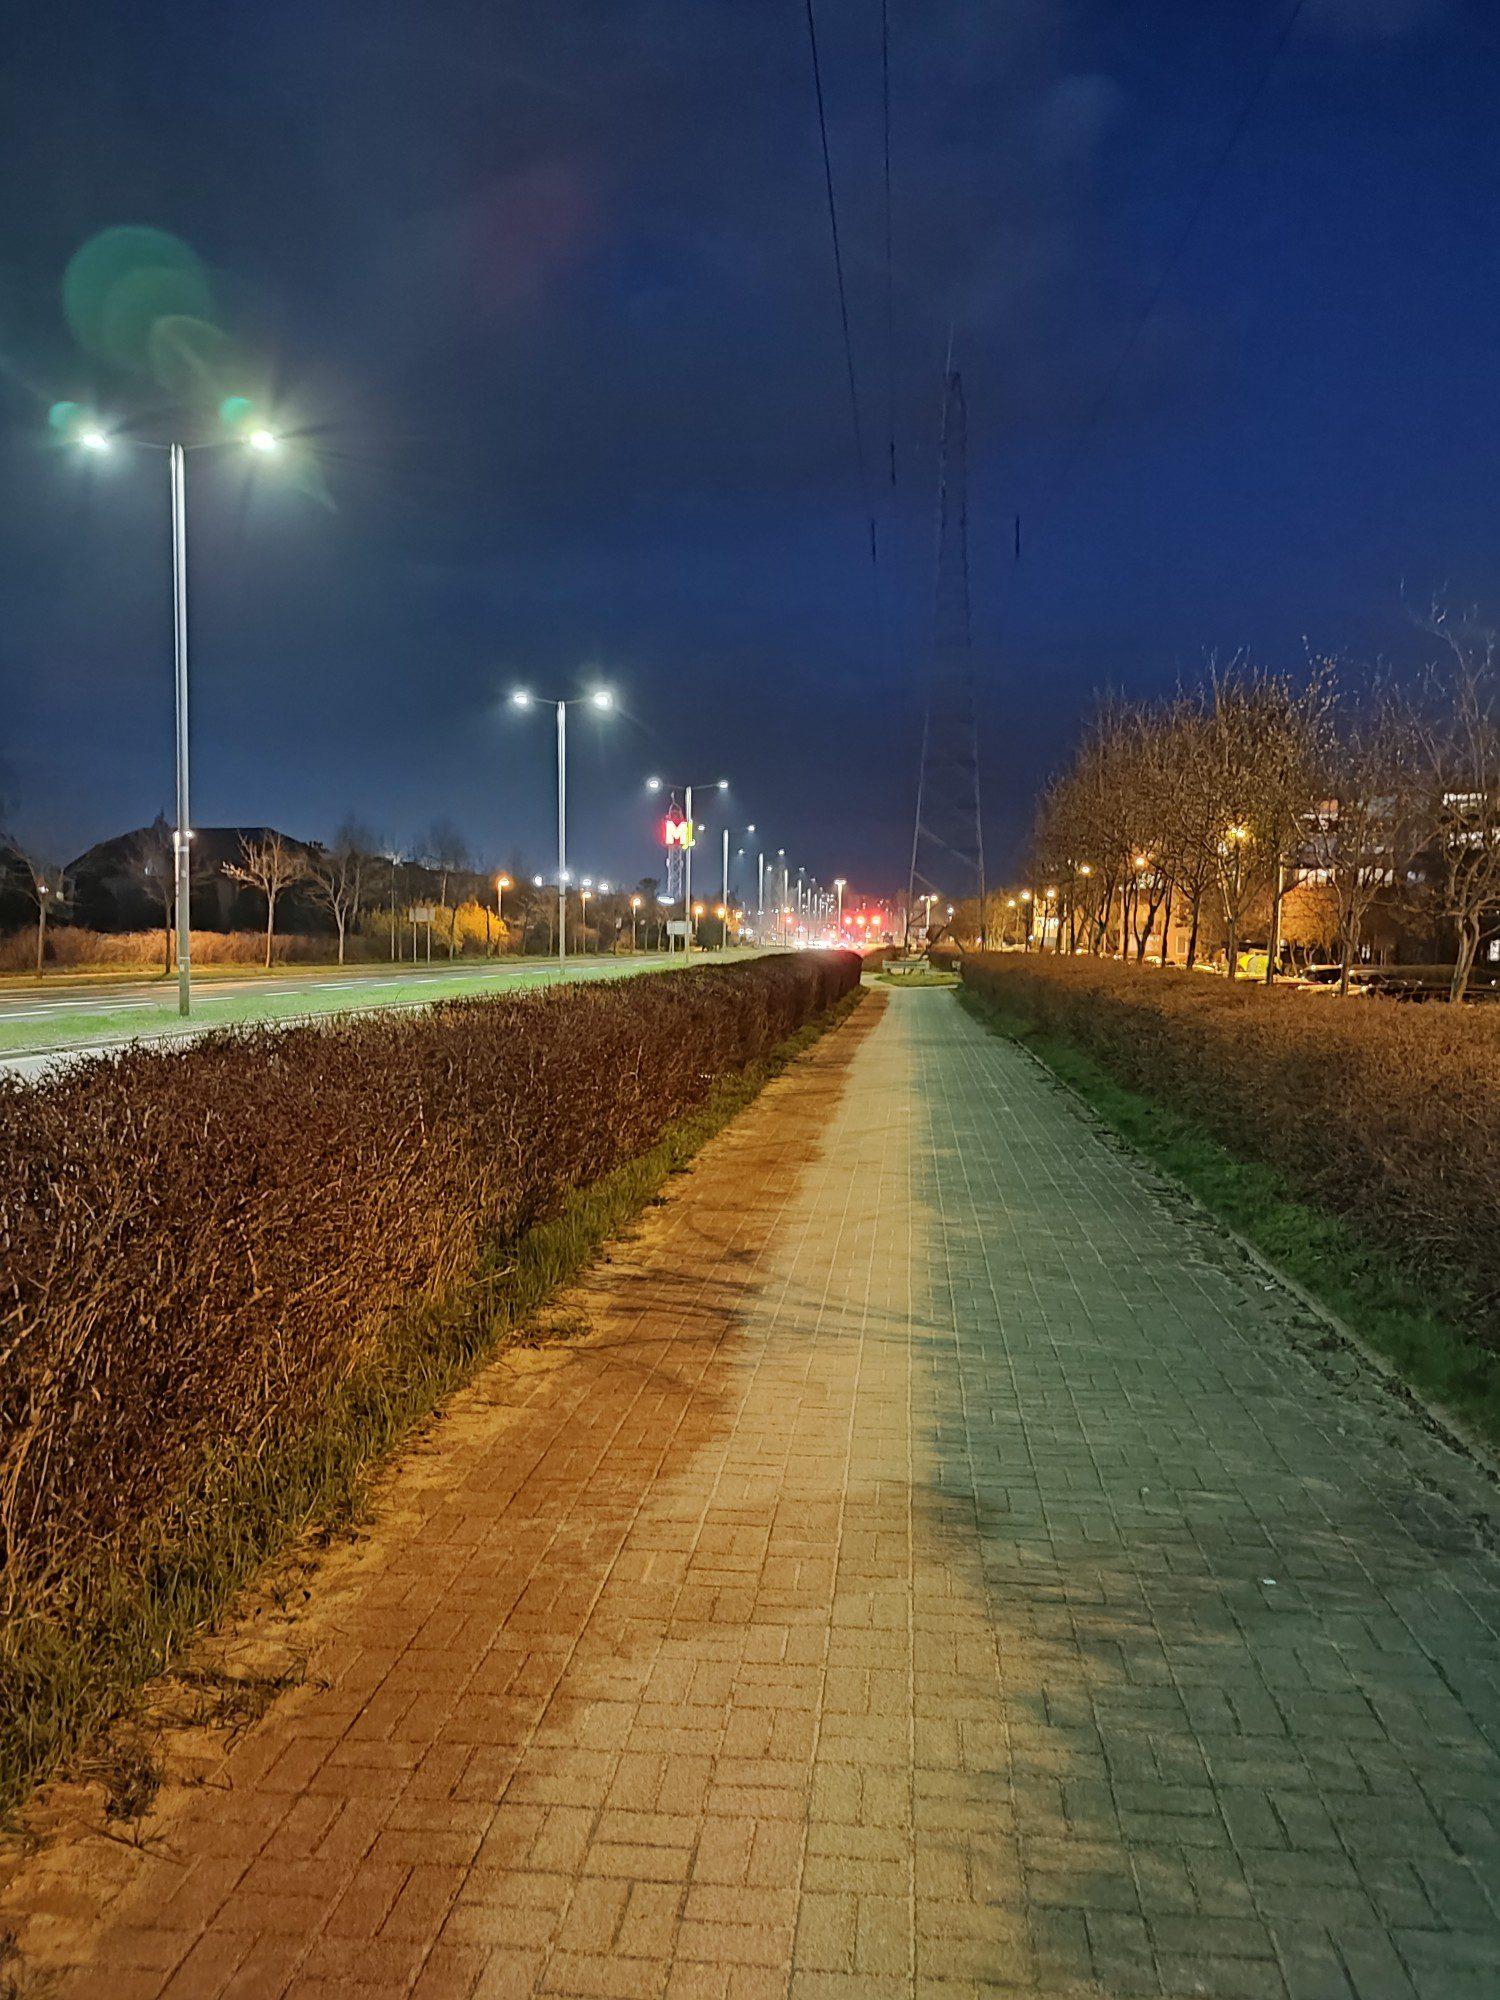 redmi note 10 pro zdjęcie nocne ścieżki rowerowej